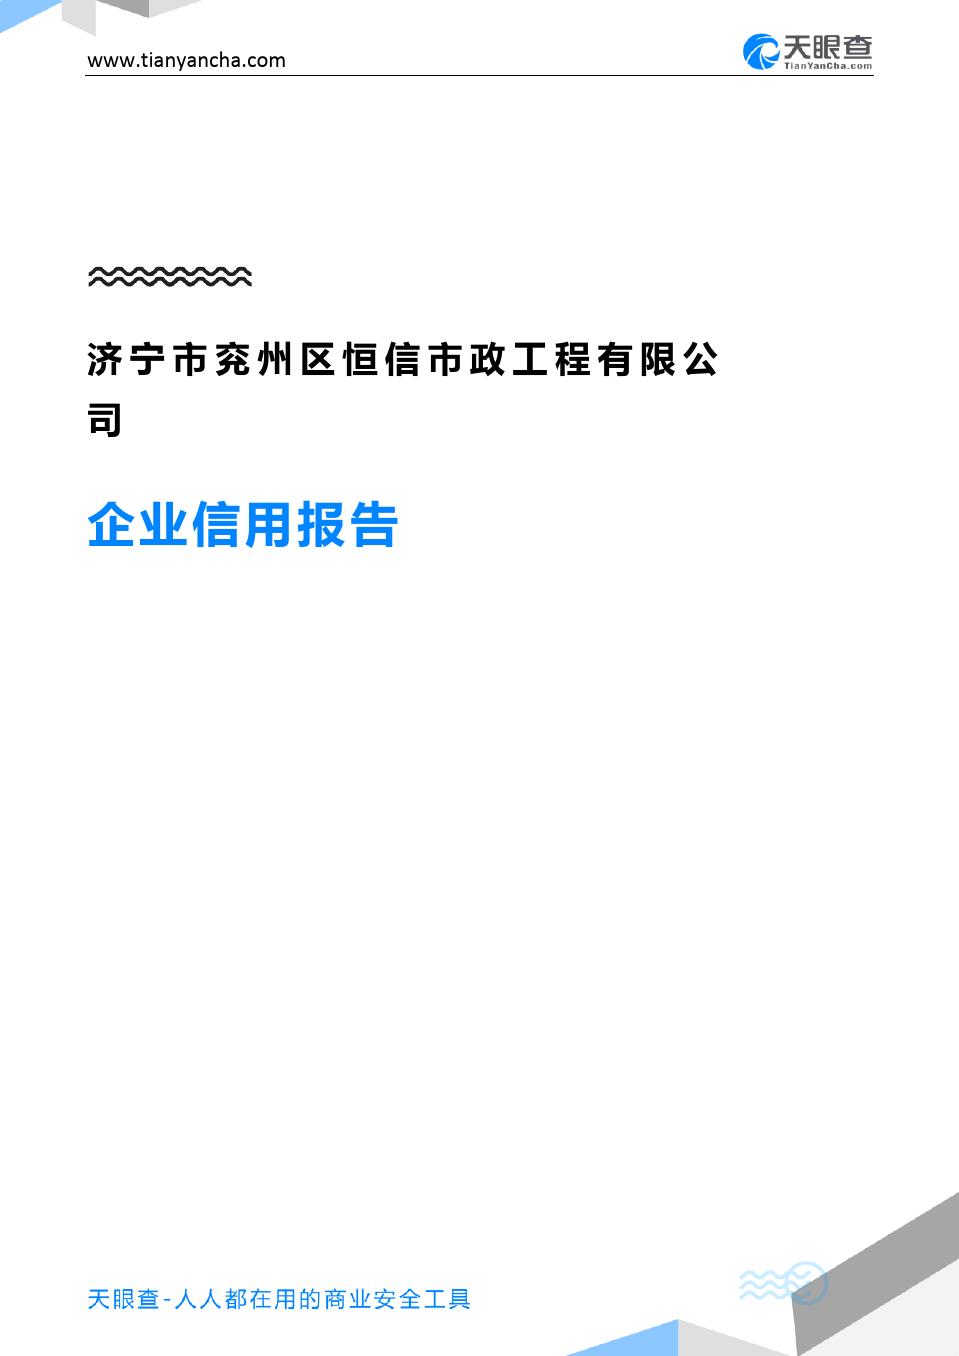 济宁市兖州区恒信市政工程有限公司(企业信用报告)- 天眼查